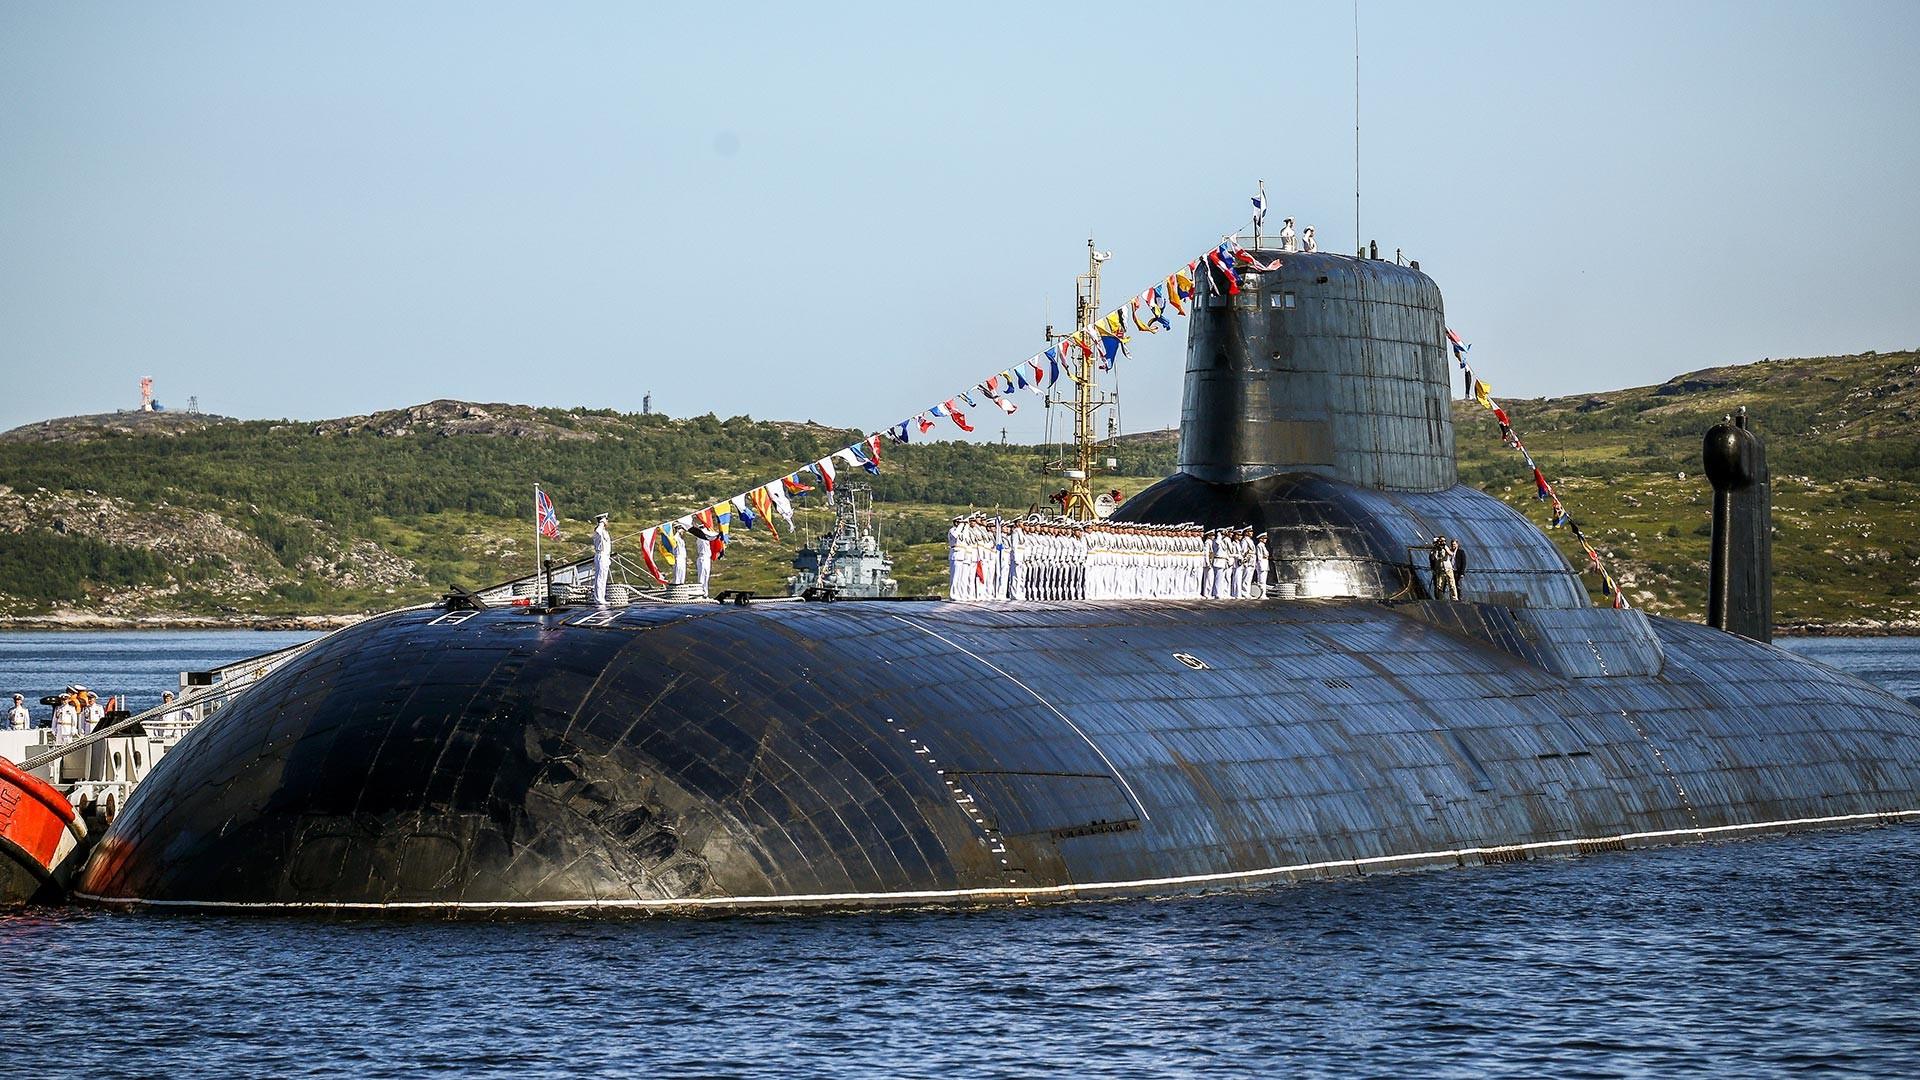 Jedrska podmornica projekta 941 Akula ТК-208 Dmitrij Donskoj